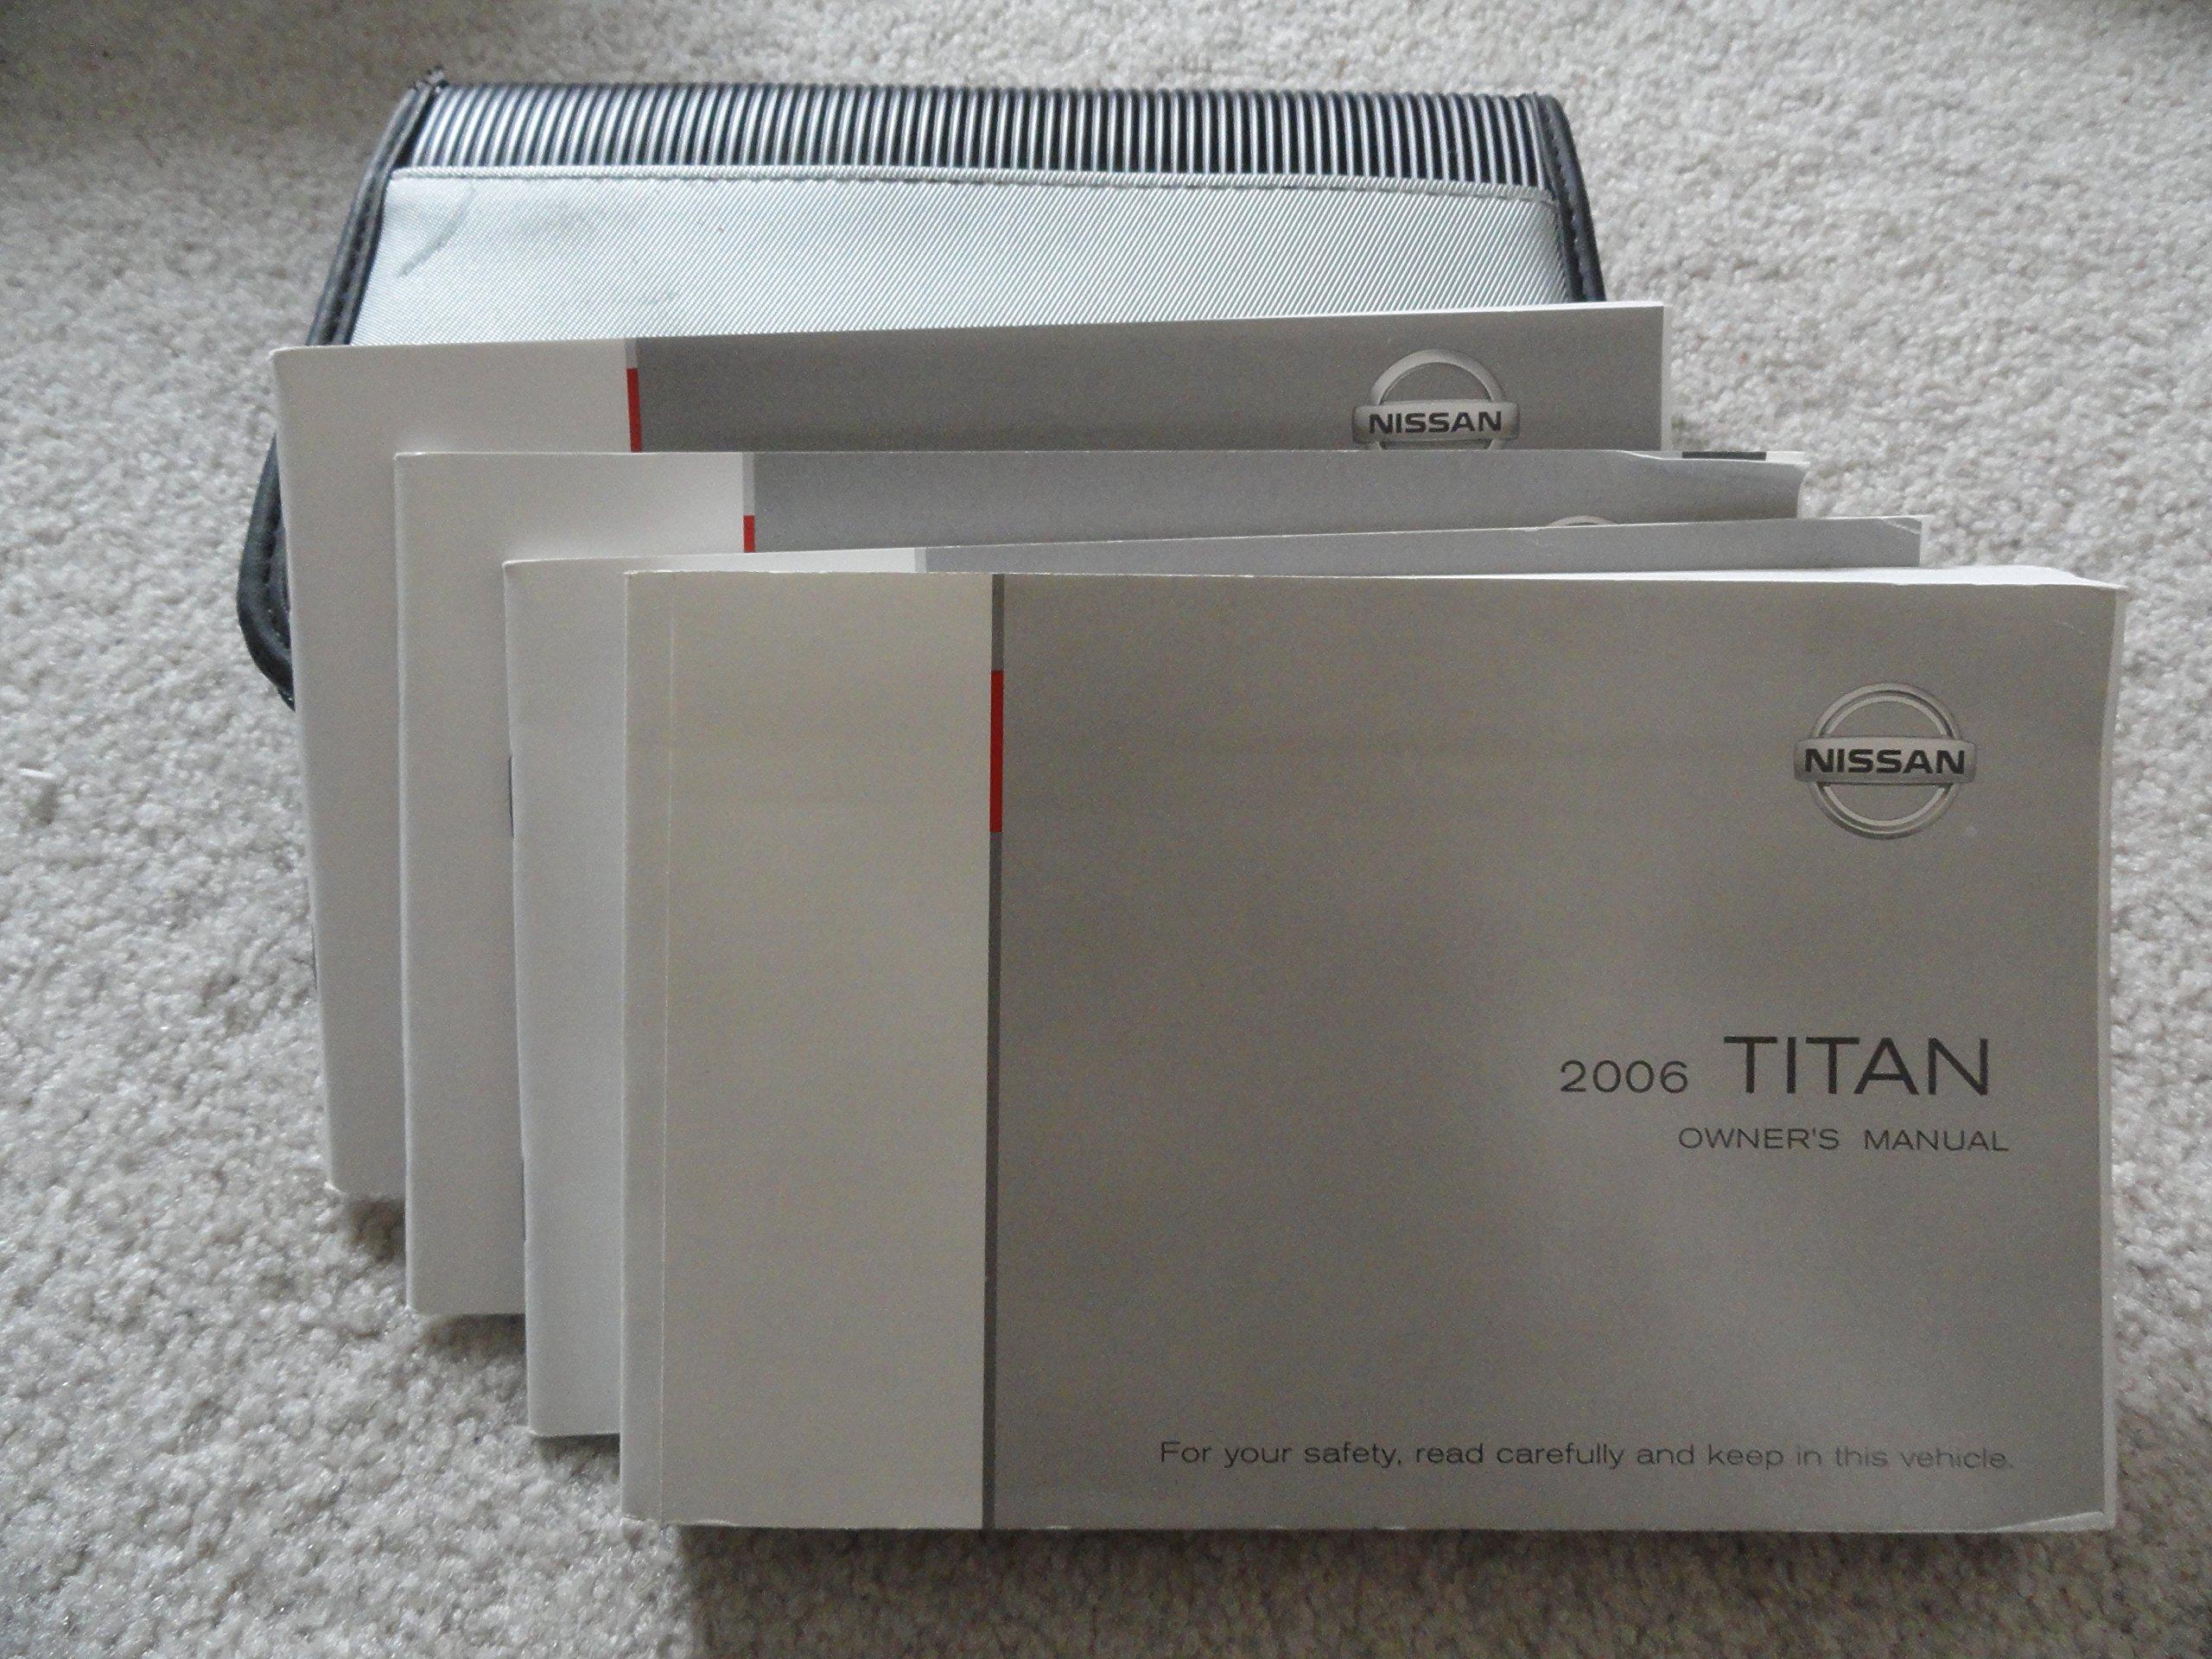 2006 nissan titan owners manual nissan amazon com books rh amazon com 06 nissan titan owner's manual 2006 nissan titan repair manual pdf